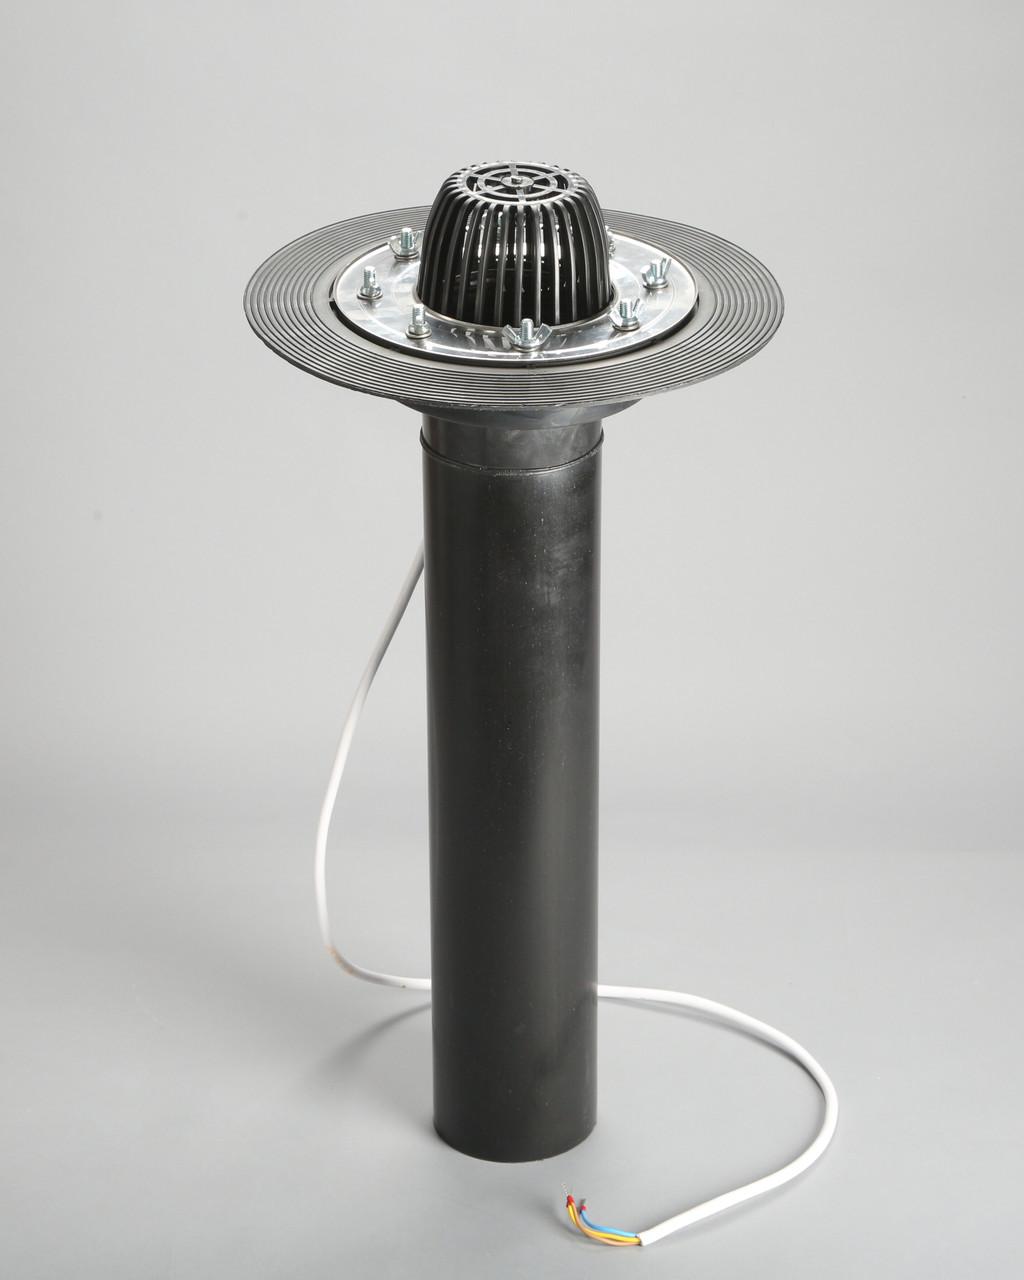 Кровельная воронка с прижимным фланцем из нержавеющей стали и системой обогрева, 110/600 мм